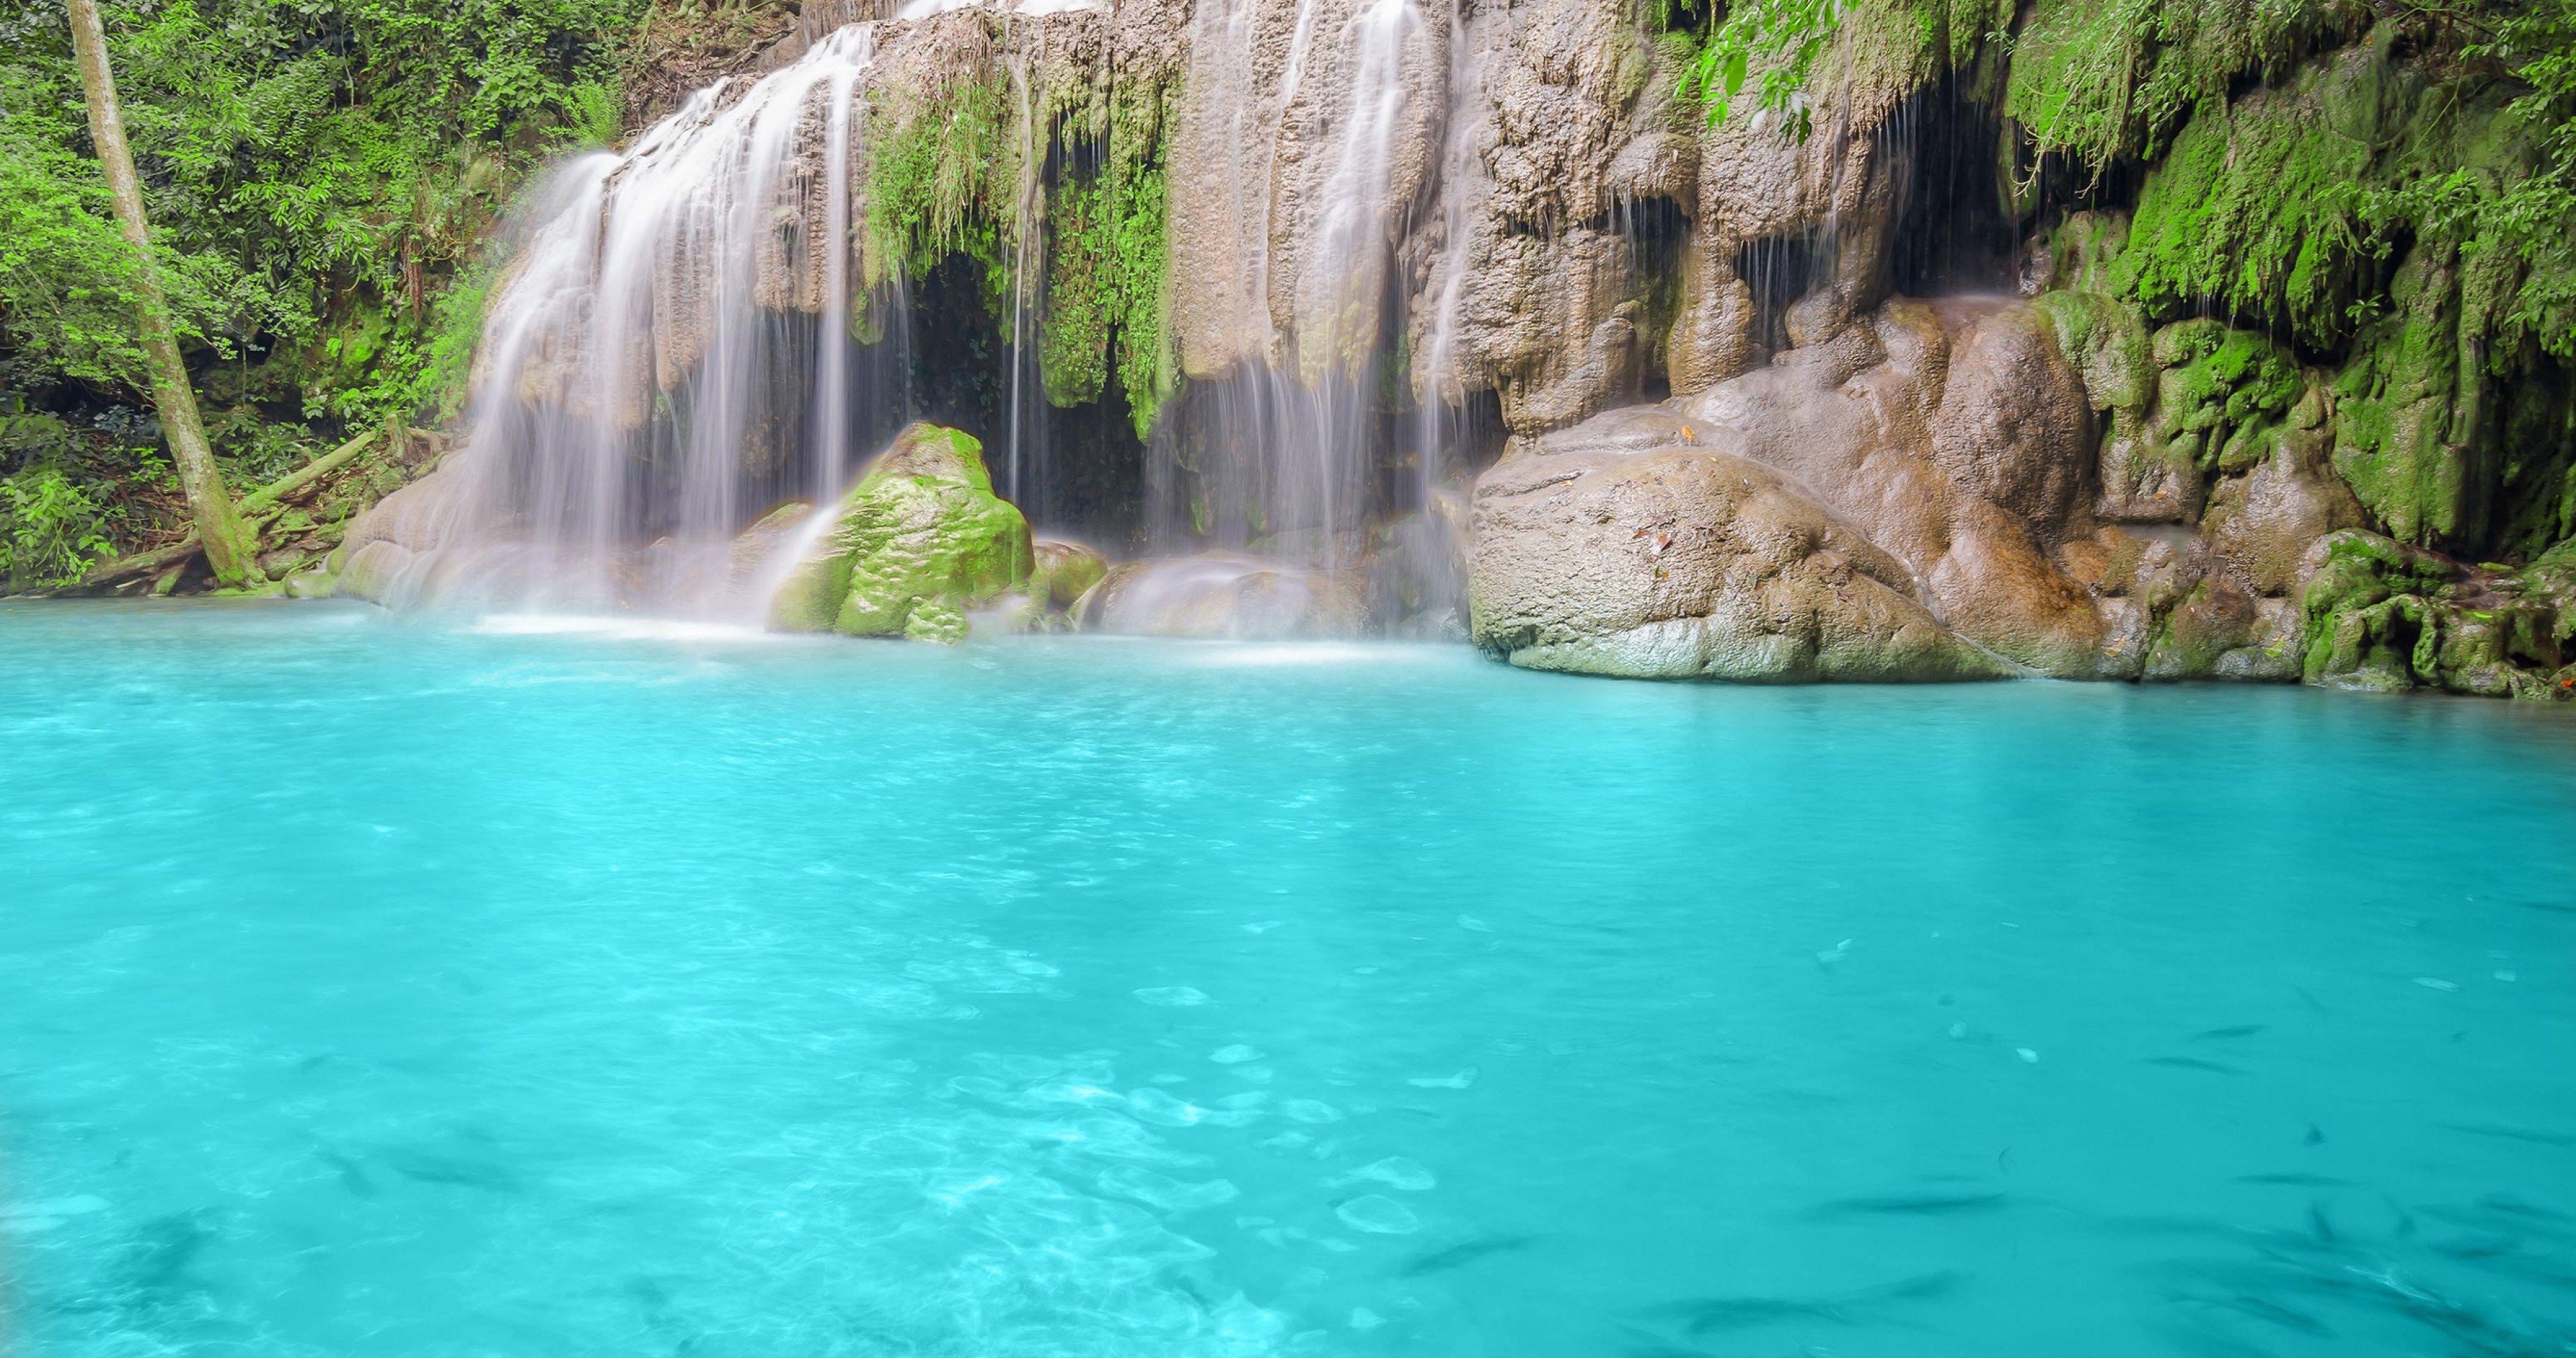 Blue Waterfall 4k Ultra Hd Wallpaper Waterfall Forest Waterfall Landscape Wallpaper